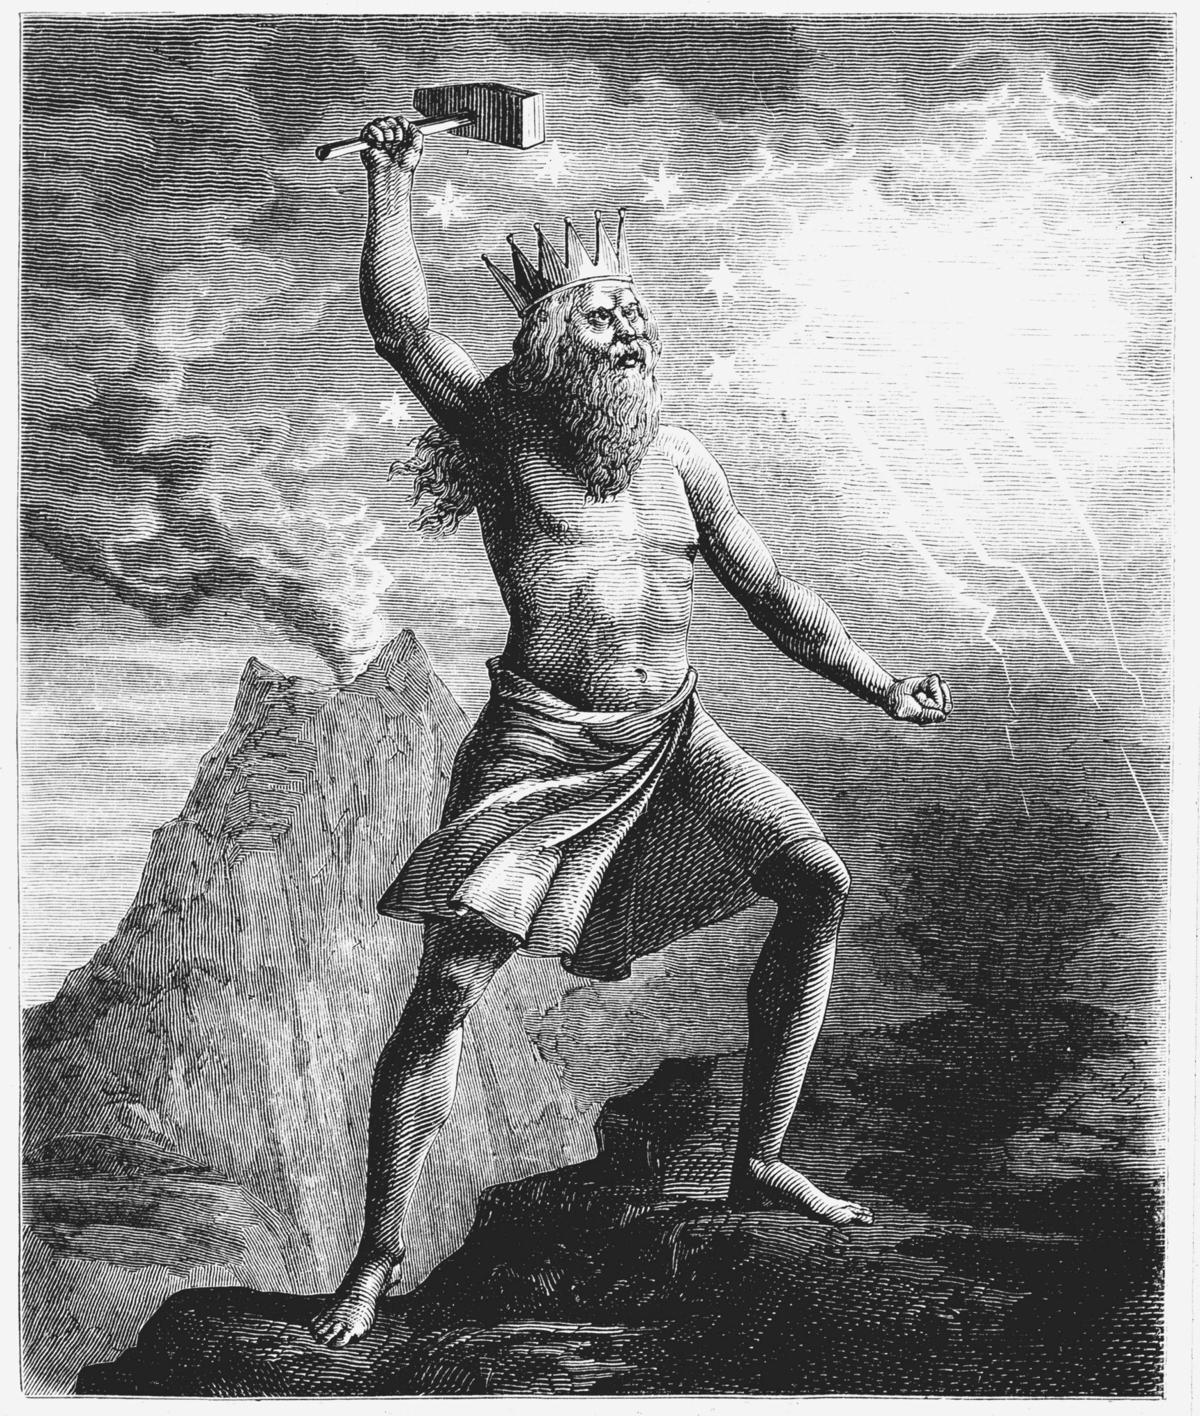 File:Thor depiction (2).jpg